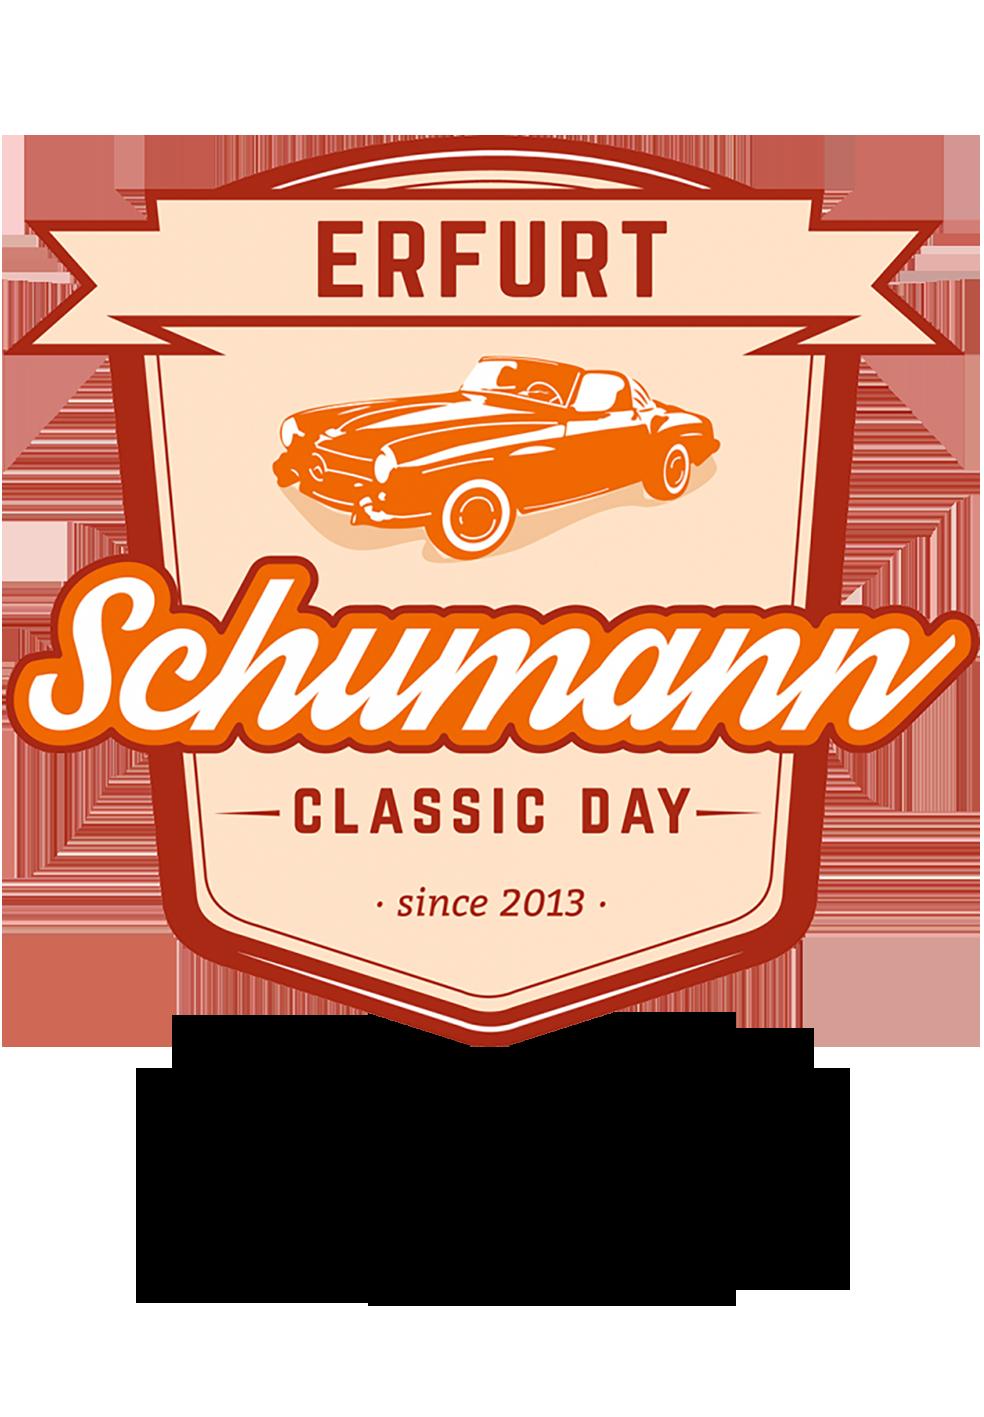 Schumann Classic Day Erfurt